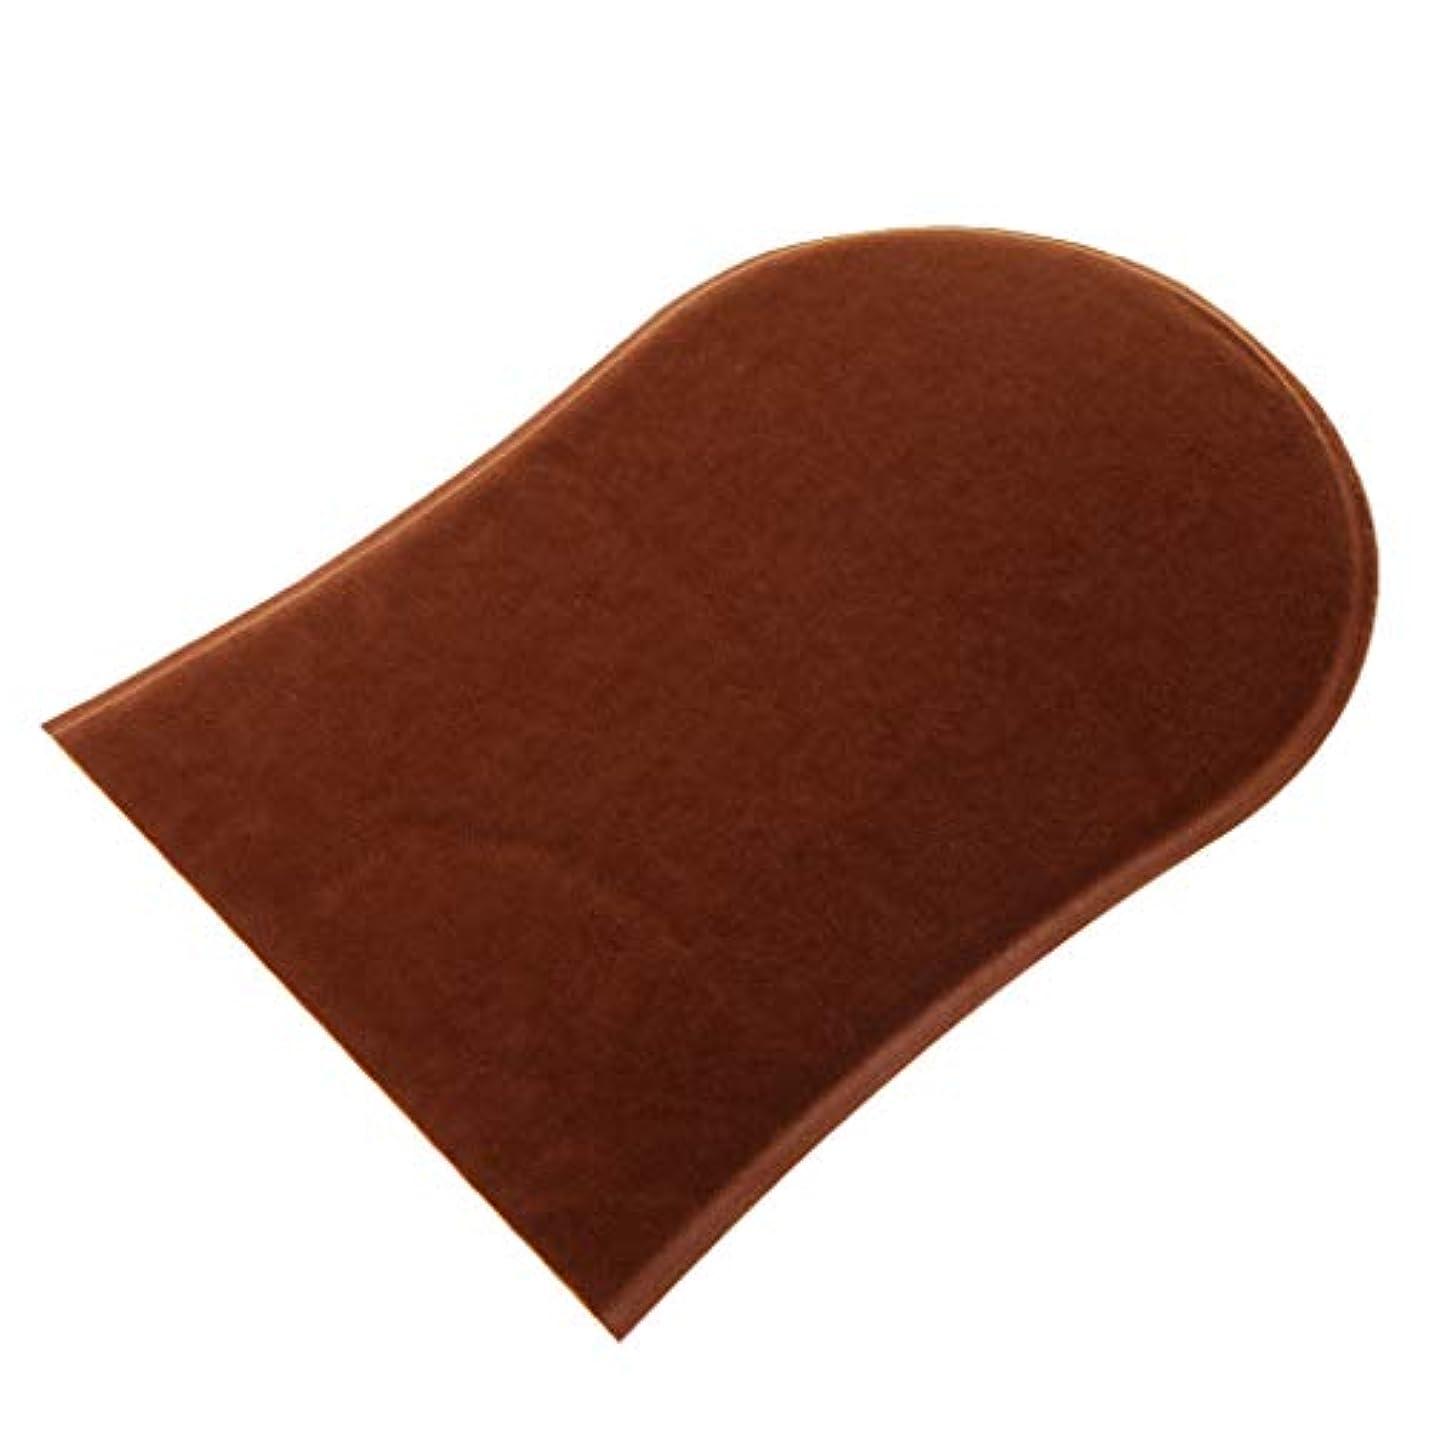 方程式コンドーム最初にT TOOYFUL 手袋 防水 再利用可能 滑らか ハンドケア セルフタンニング 両面 約19*12cm